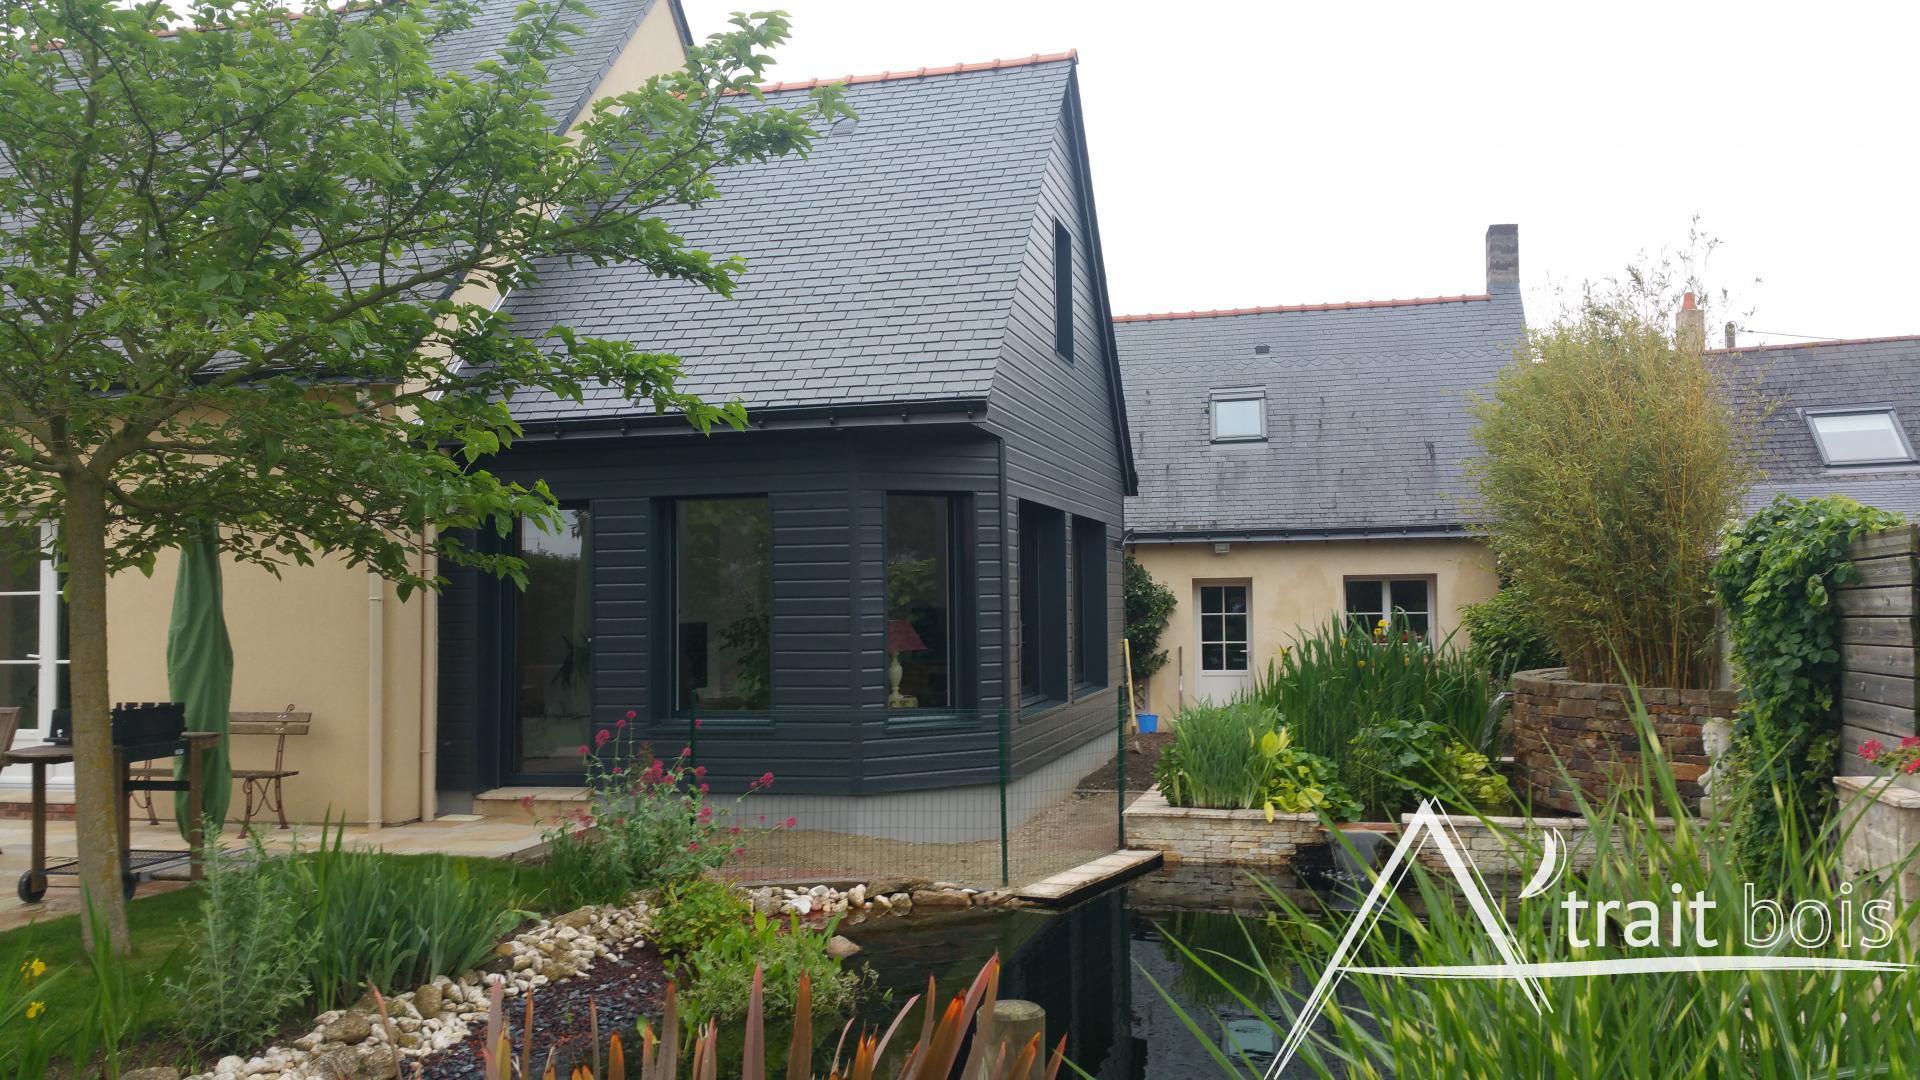 Extension surélévation maisons bois MaineetLoire (49)